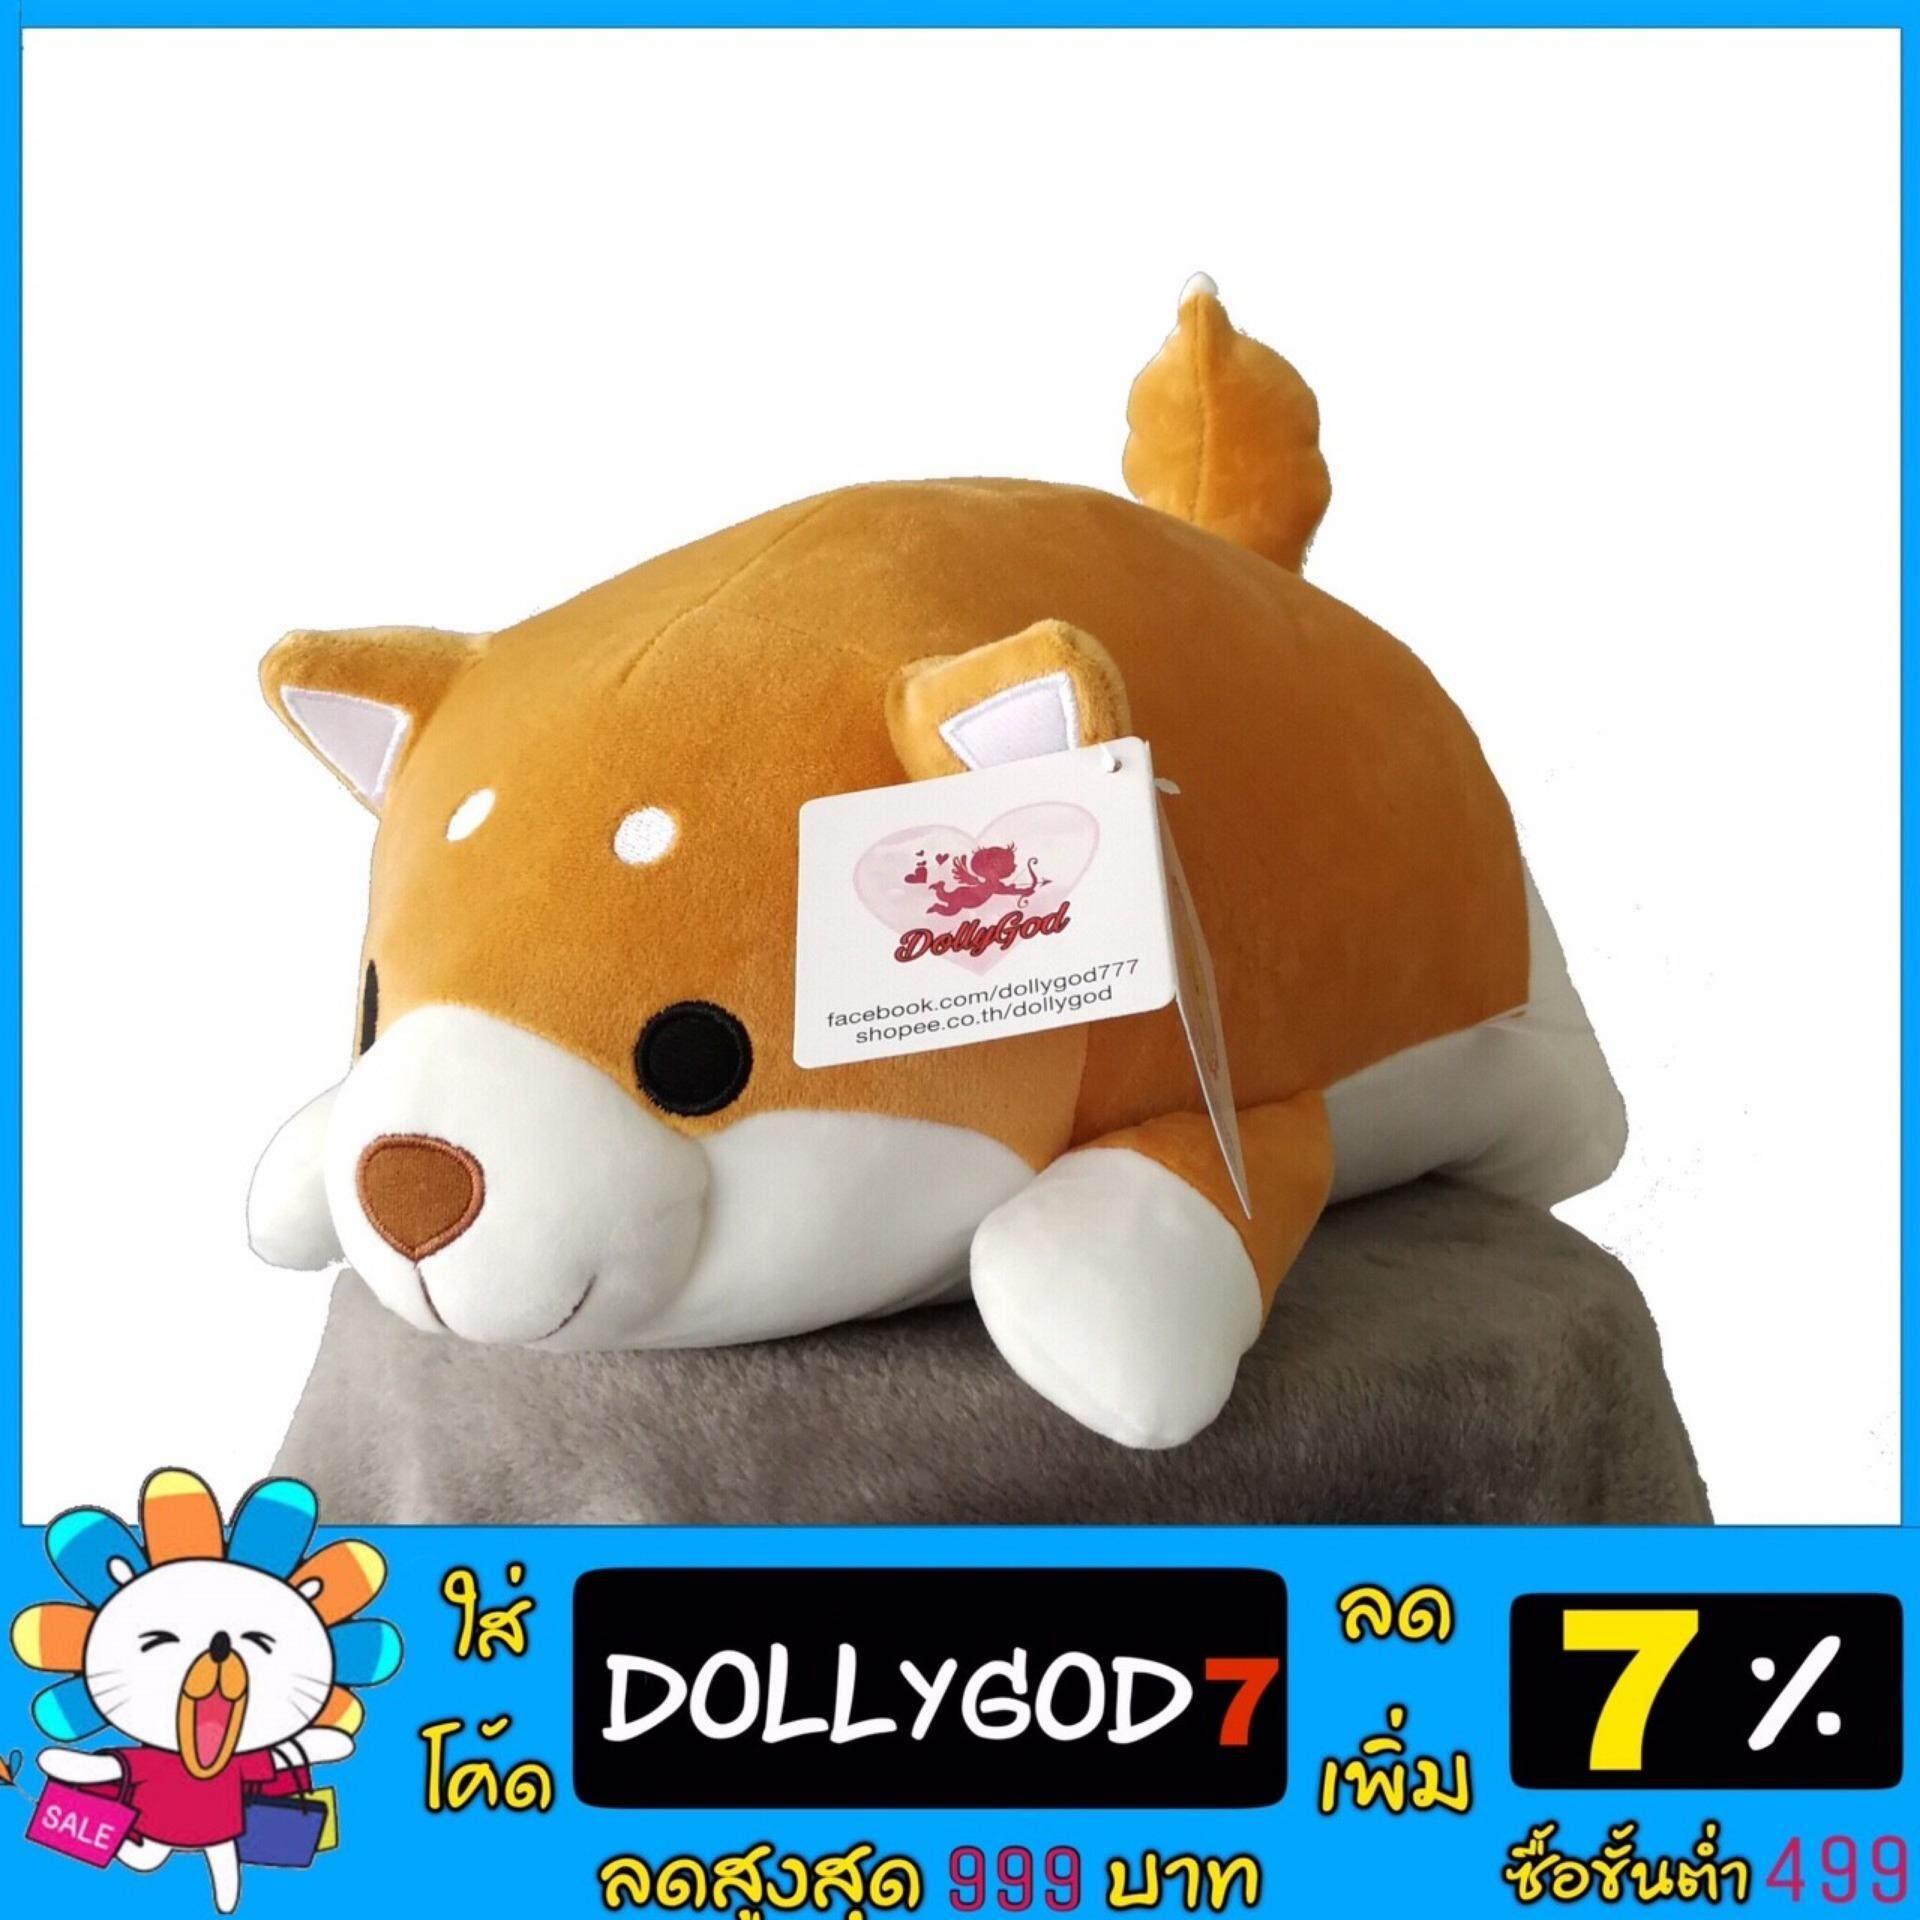 ขายดีมาก! ตุ๊กตาหมาชิบะอ้วน 45 cm ใยไมโคร นุ่มนิ่มมาก (วิธีวัดดูรูปสุดท้ายจ้า) จัดส่งโดย Kerry มีบริการเก็บเงินปลายทาง ราคาถูก micro แท้ shiba inu super soft dollygod dog